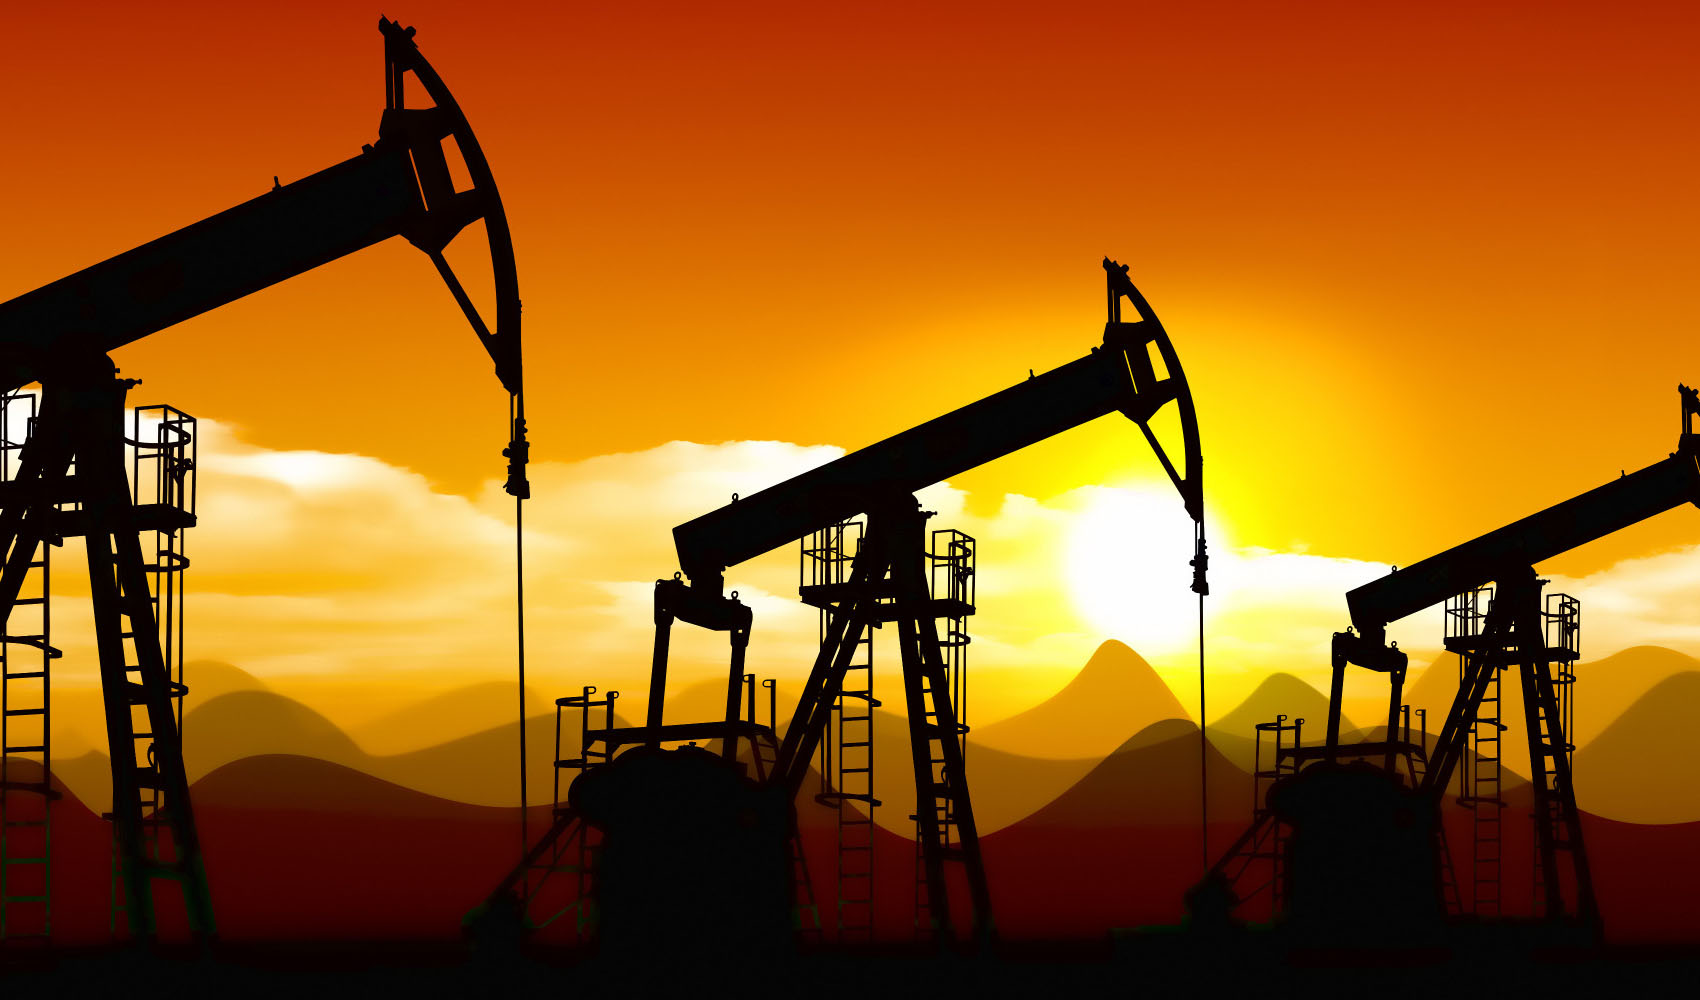 قیمت نفت خام رشد کرد / برنت در ۷۵ دلار تثبیت شد